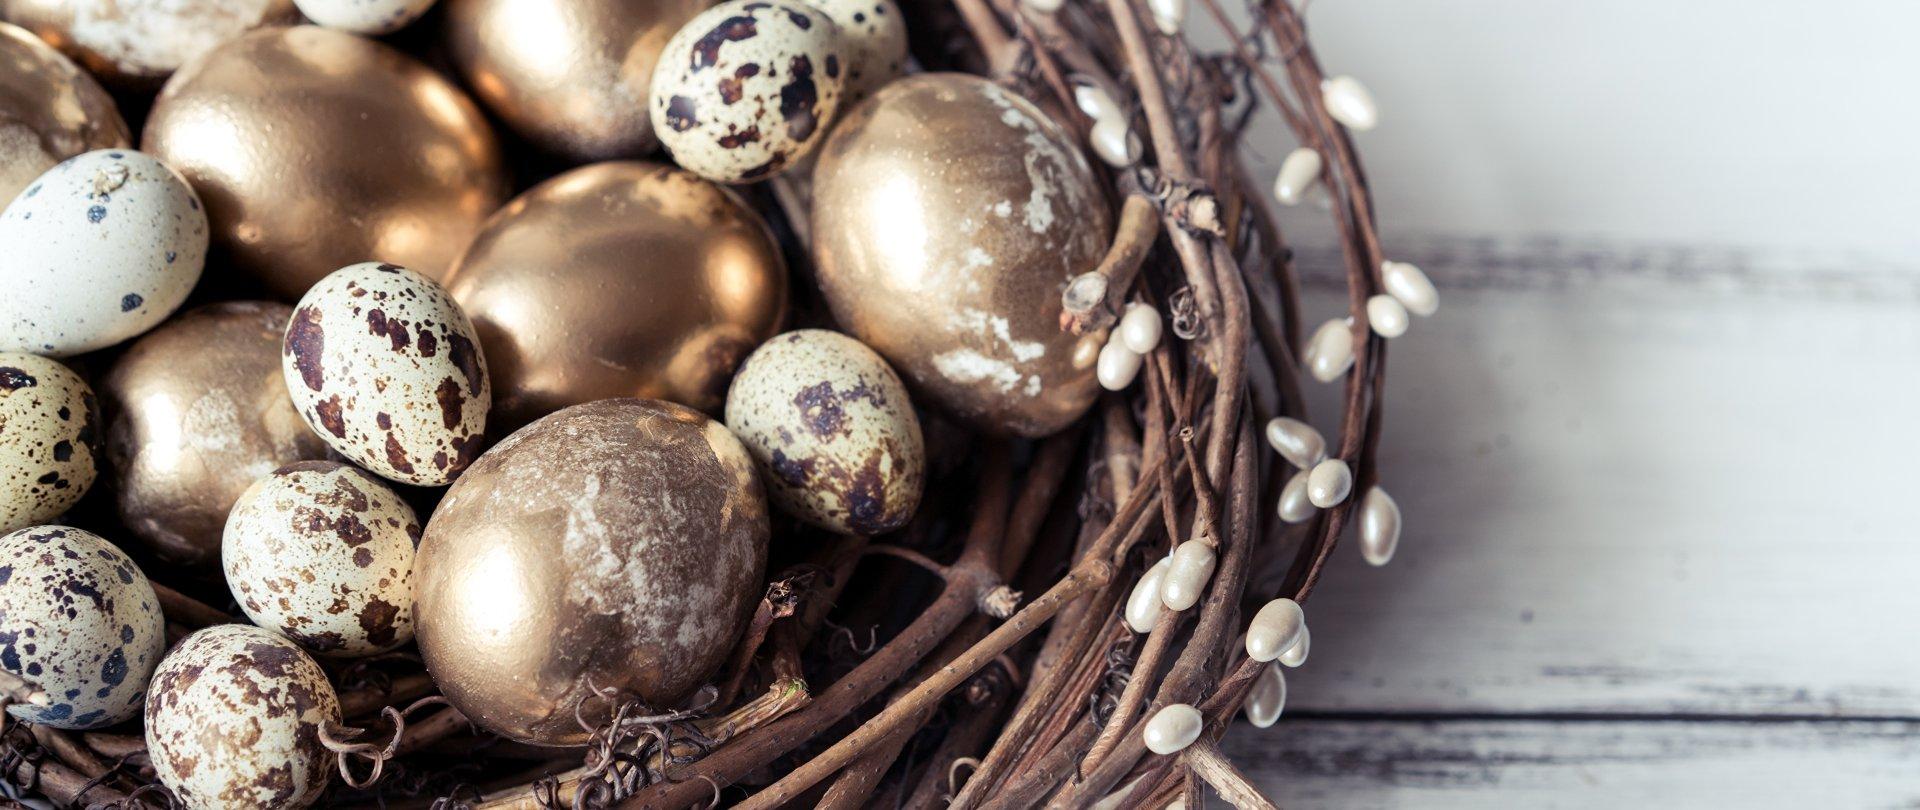 Święta Wielkanocne 2021 w Górach Izerskich